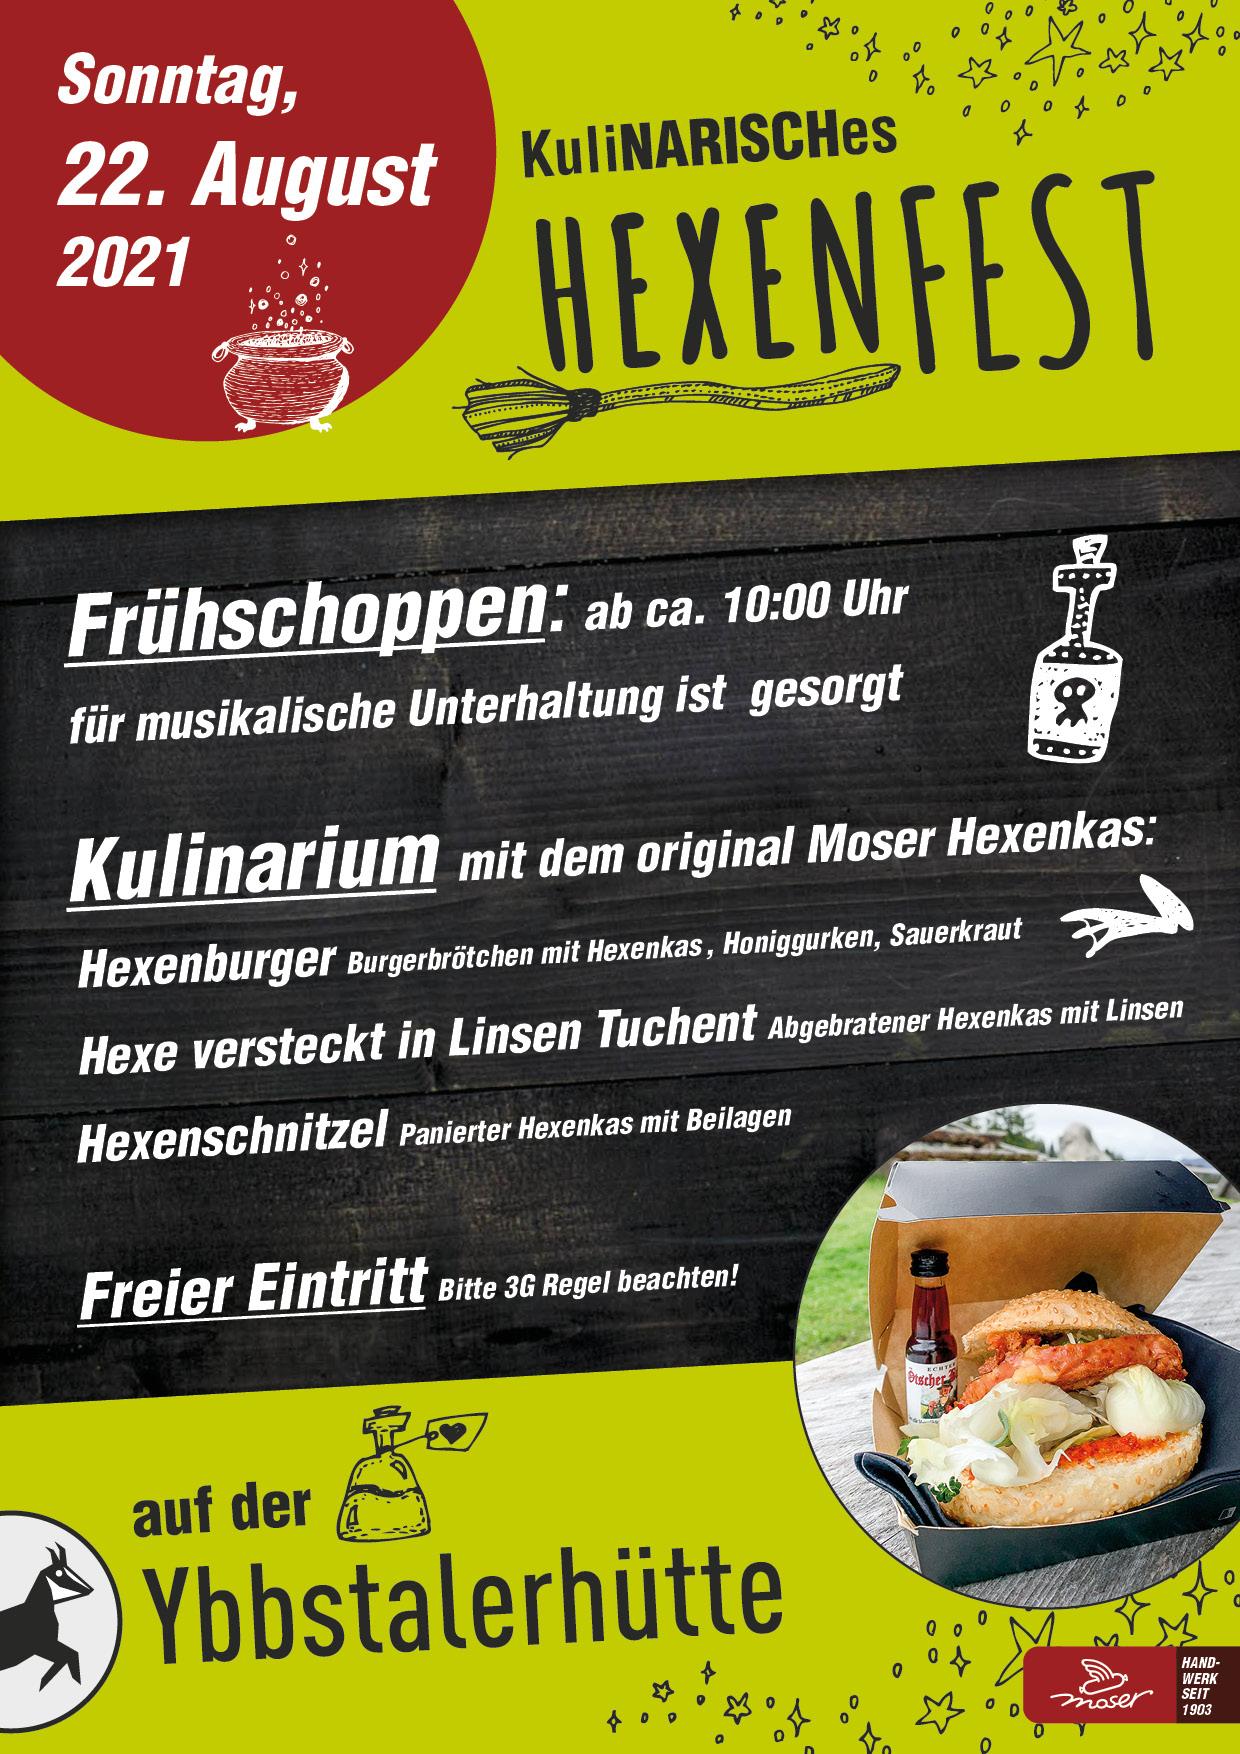 Kulinarisches Hexenfest am 22.8.2021 auf der Ybbstalerhütte